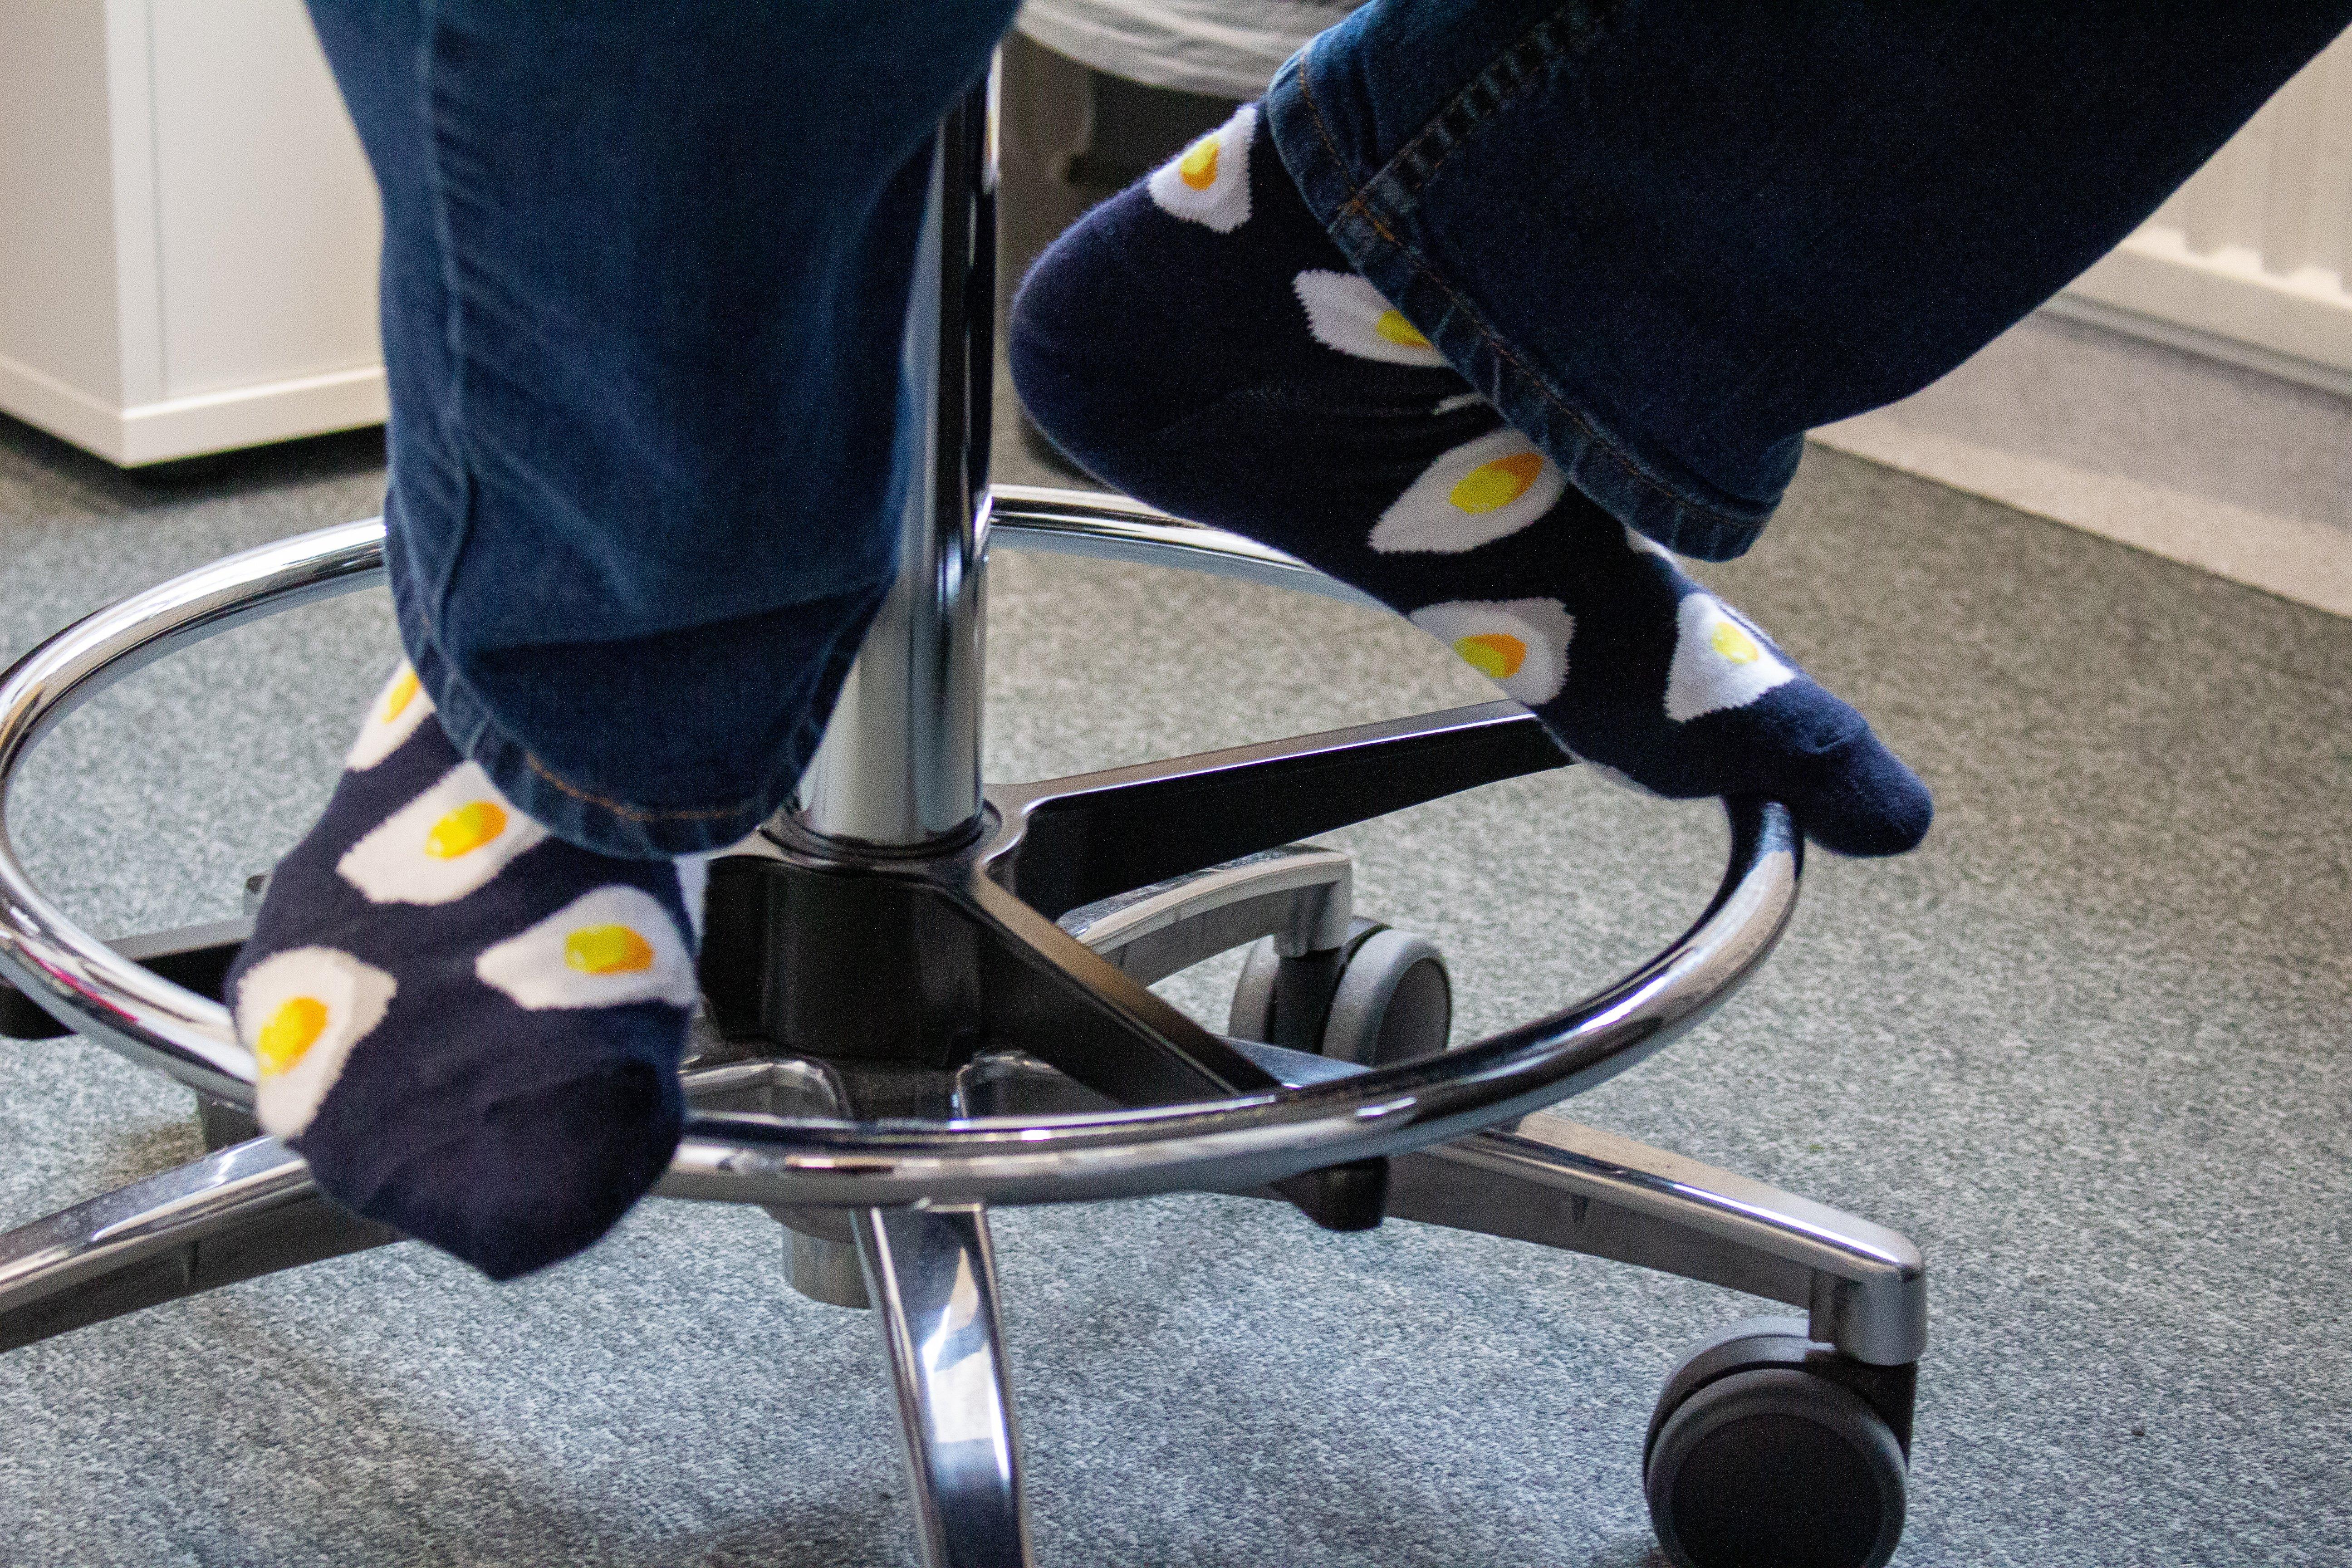 Jalassa on pirteät sukat kananmunakuosilla.